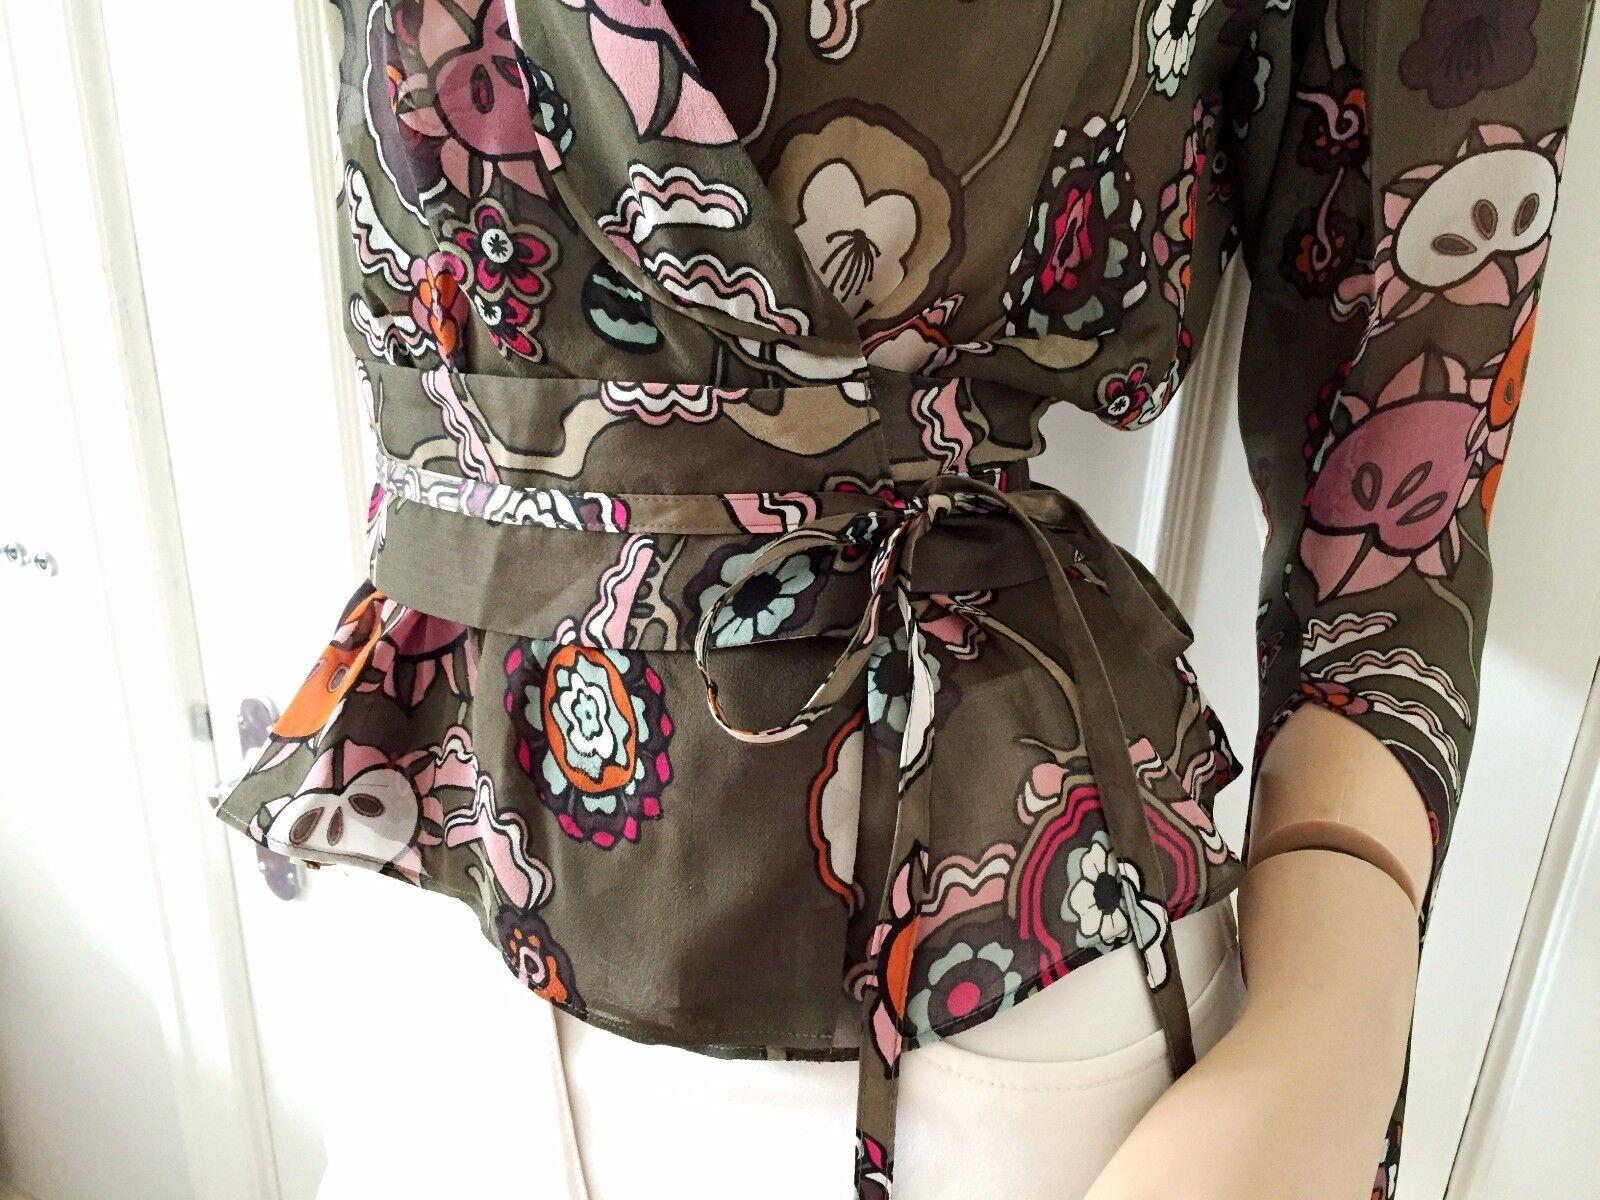 KENZO Seta Floreale Kimono Avvolgente Camicetta (vendita al dettaglio ) ) ) 7558b3